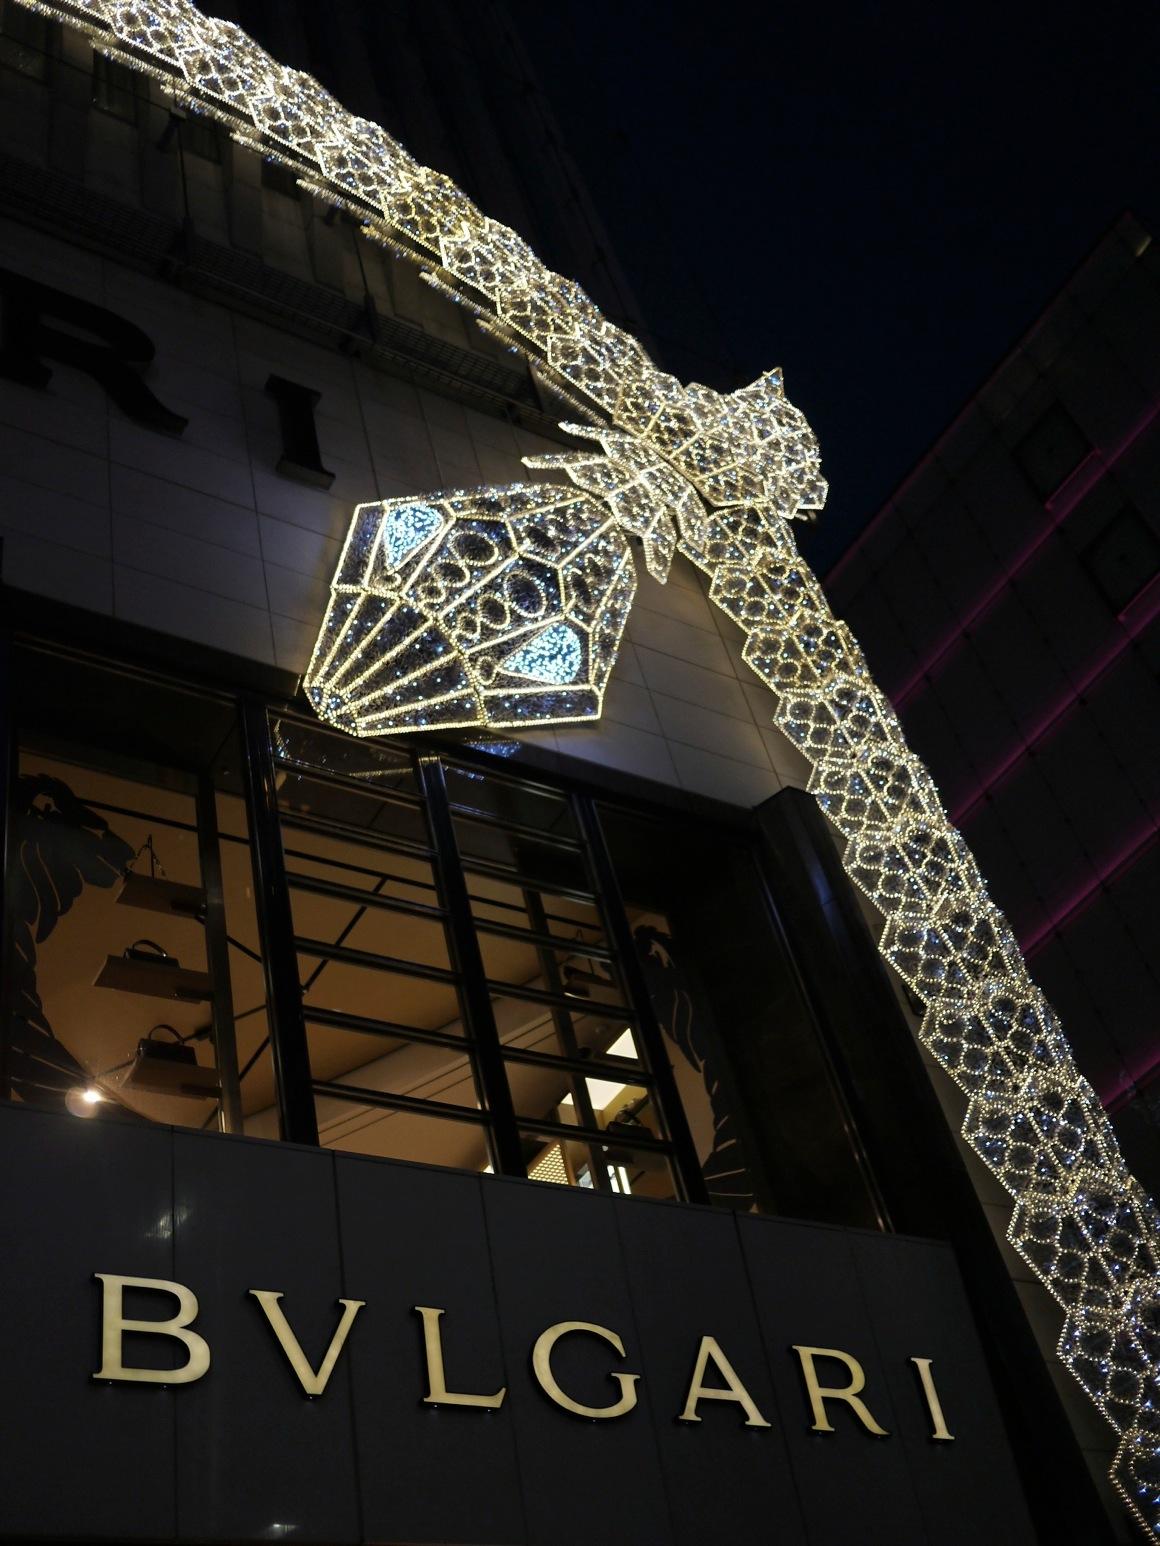 銀座BVLGARIタワーの蛇